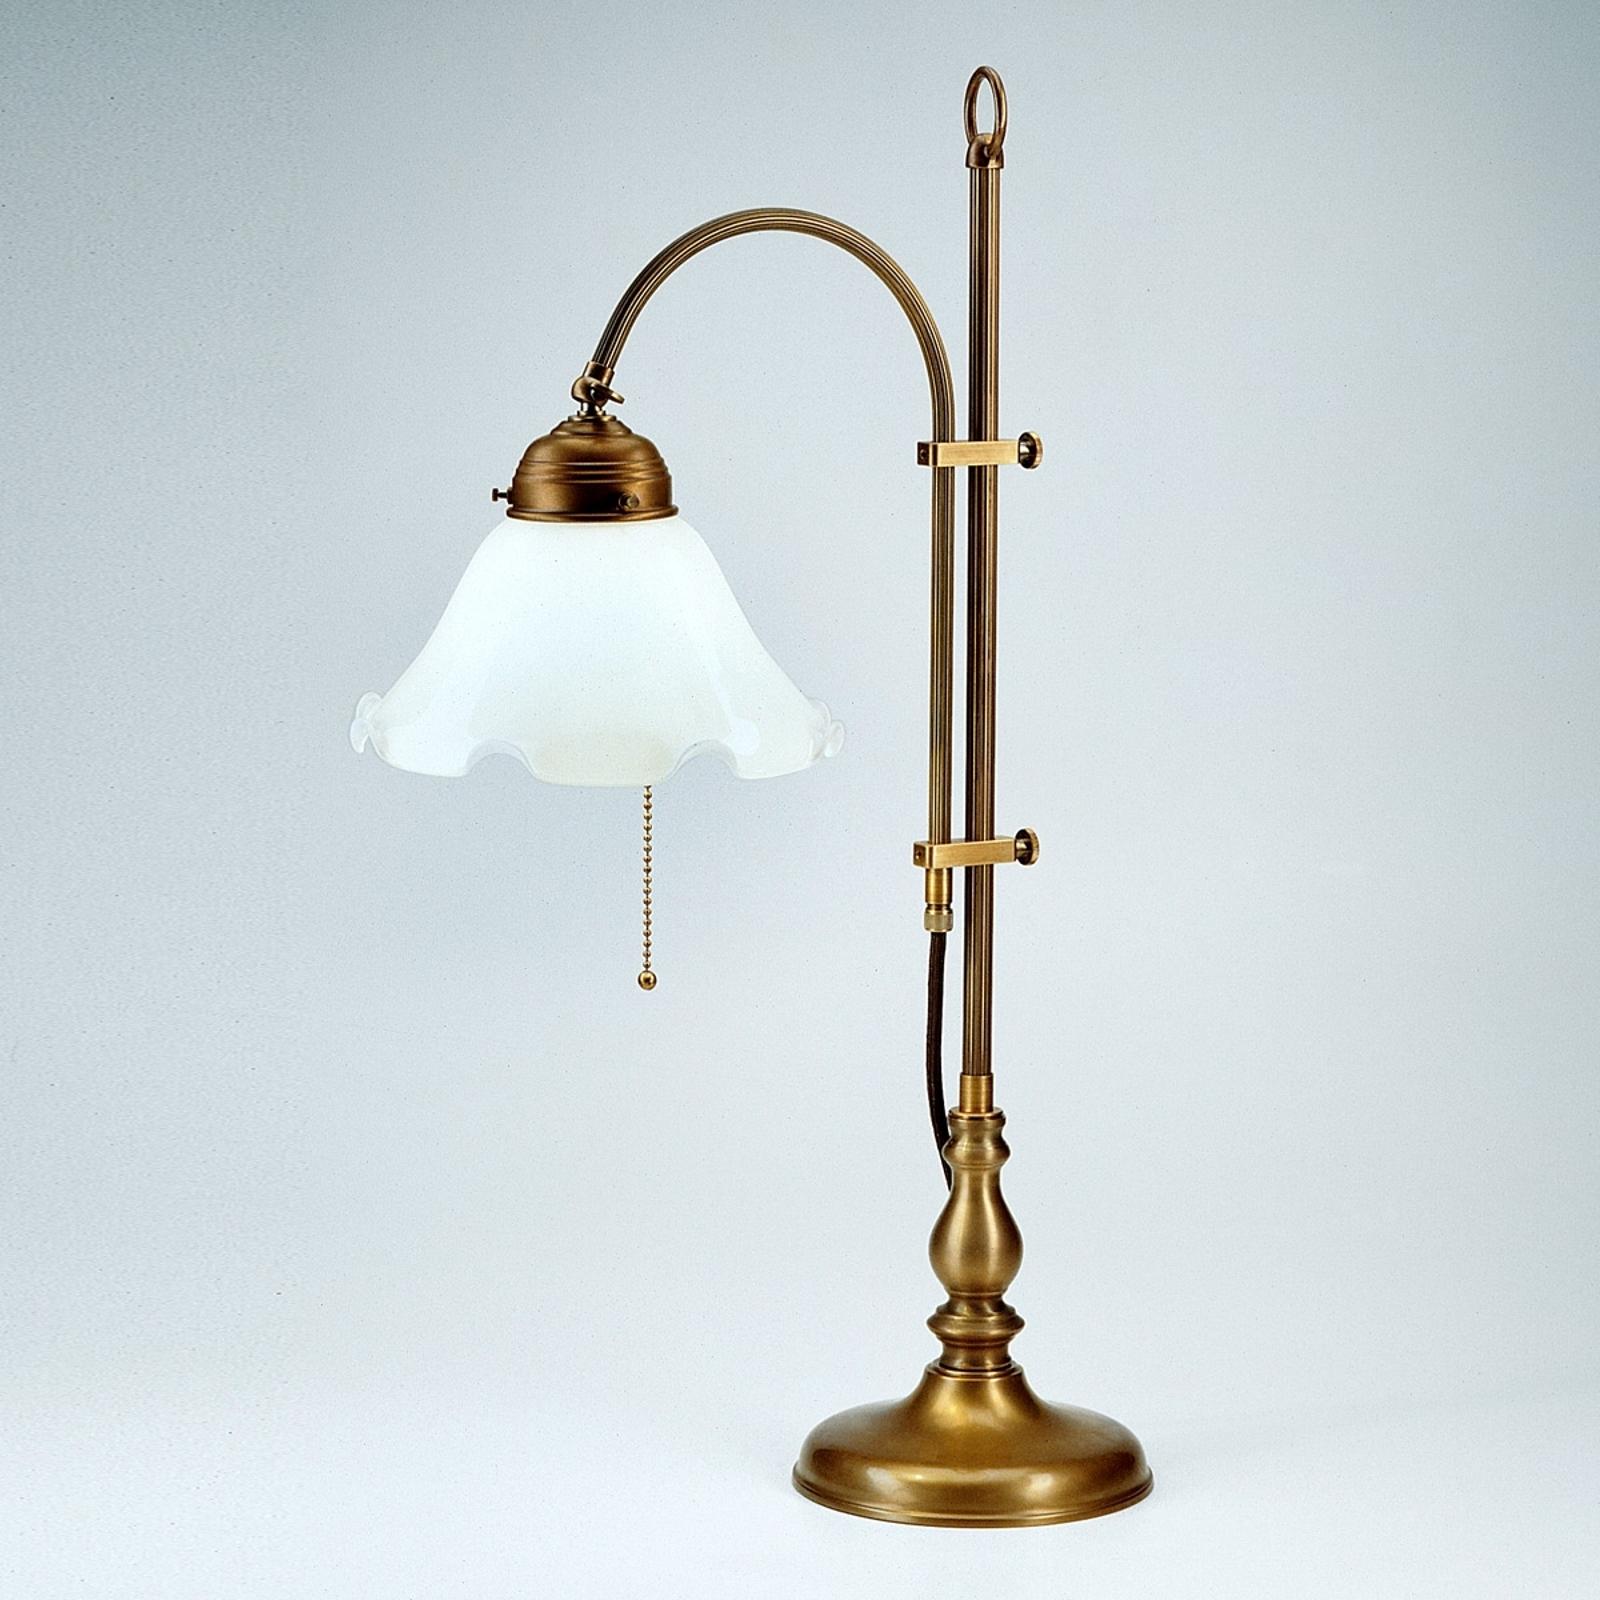 Lámpara de mesa Ernst, ajustable de forma práctica